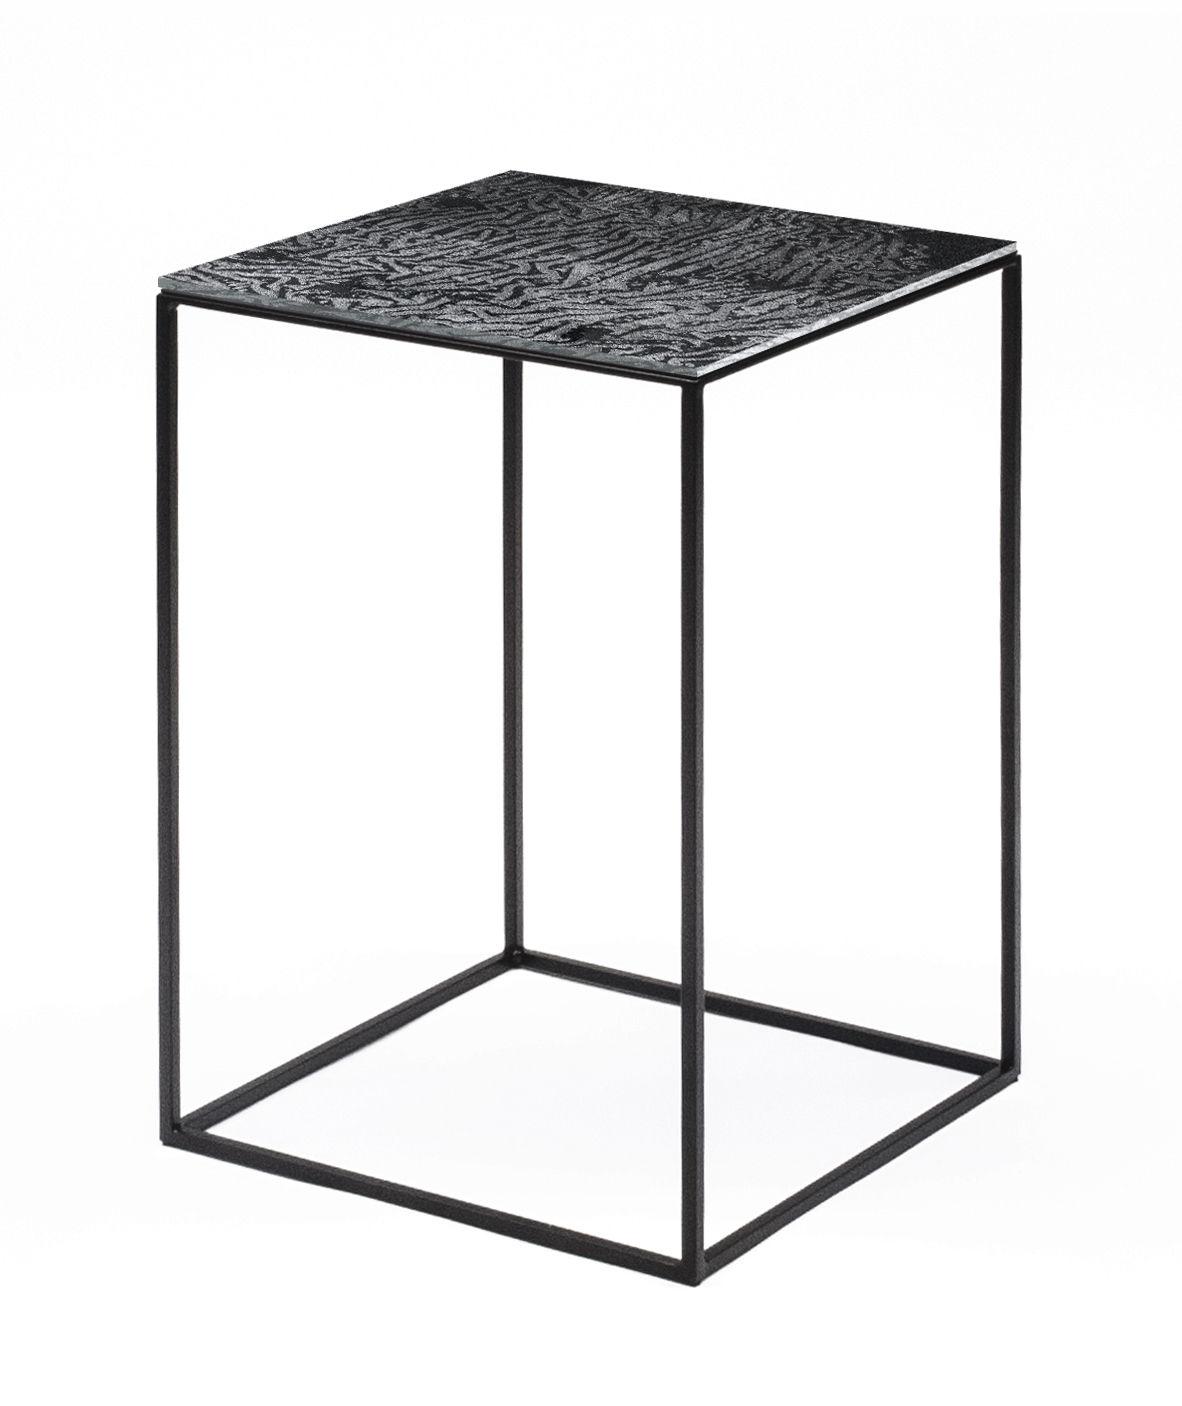 Mobilier - Tables basses - Table basse Slim Irony Art / 31 x 31 x H 46 cm -  Plateau verre effet métal fondu  - Zeus -  Métal fondu / Pied noir cuivré - Acier, Verre avec pellicule d'aluminium